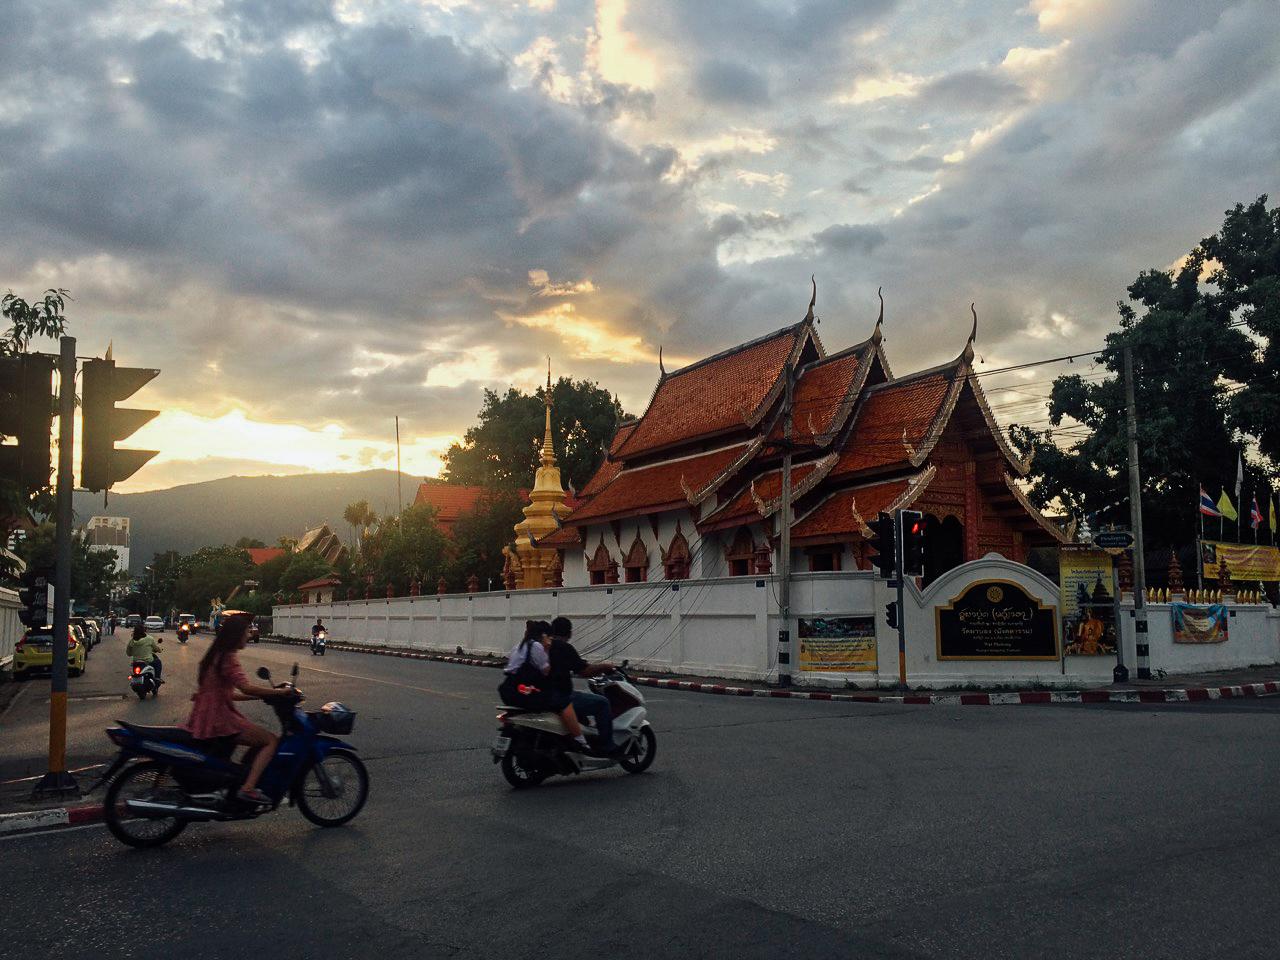 Путешествие по Таиланду, Чиангмай: Красивый закат, храм и горы на горизонте